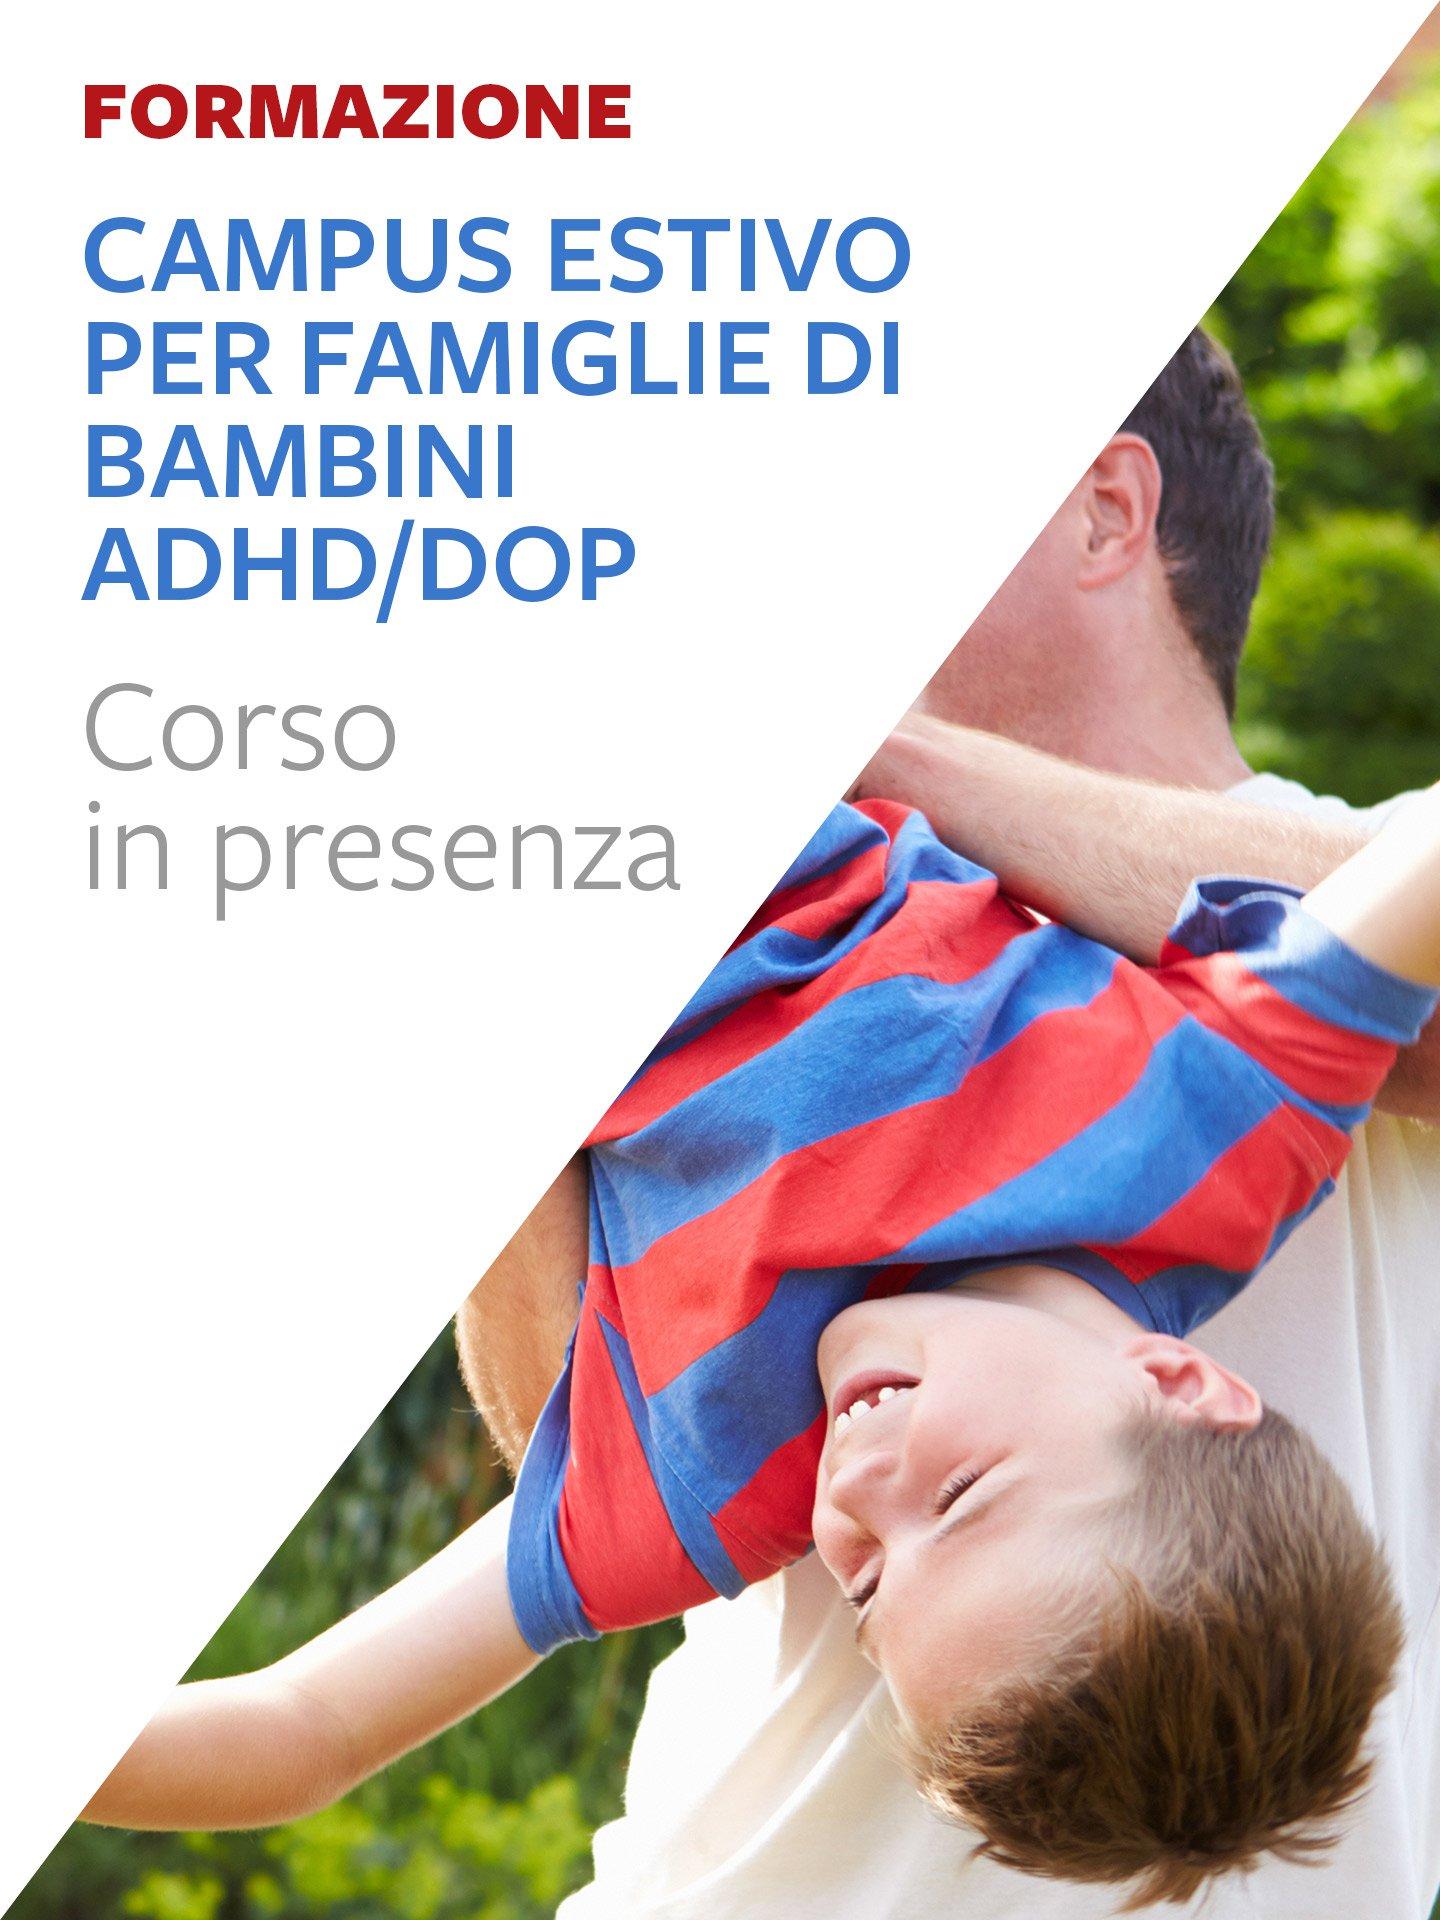 Campus estivo per famiglie di bambini ADHD/DOP - Mio figlio è impossibile - Libri - Erickson